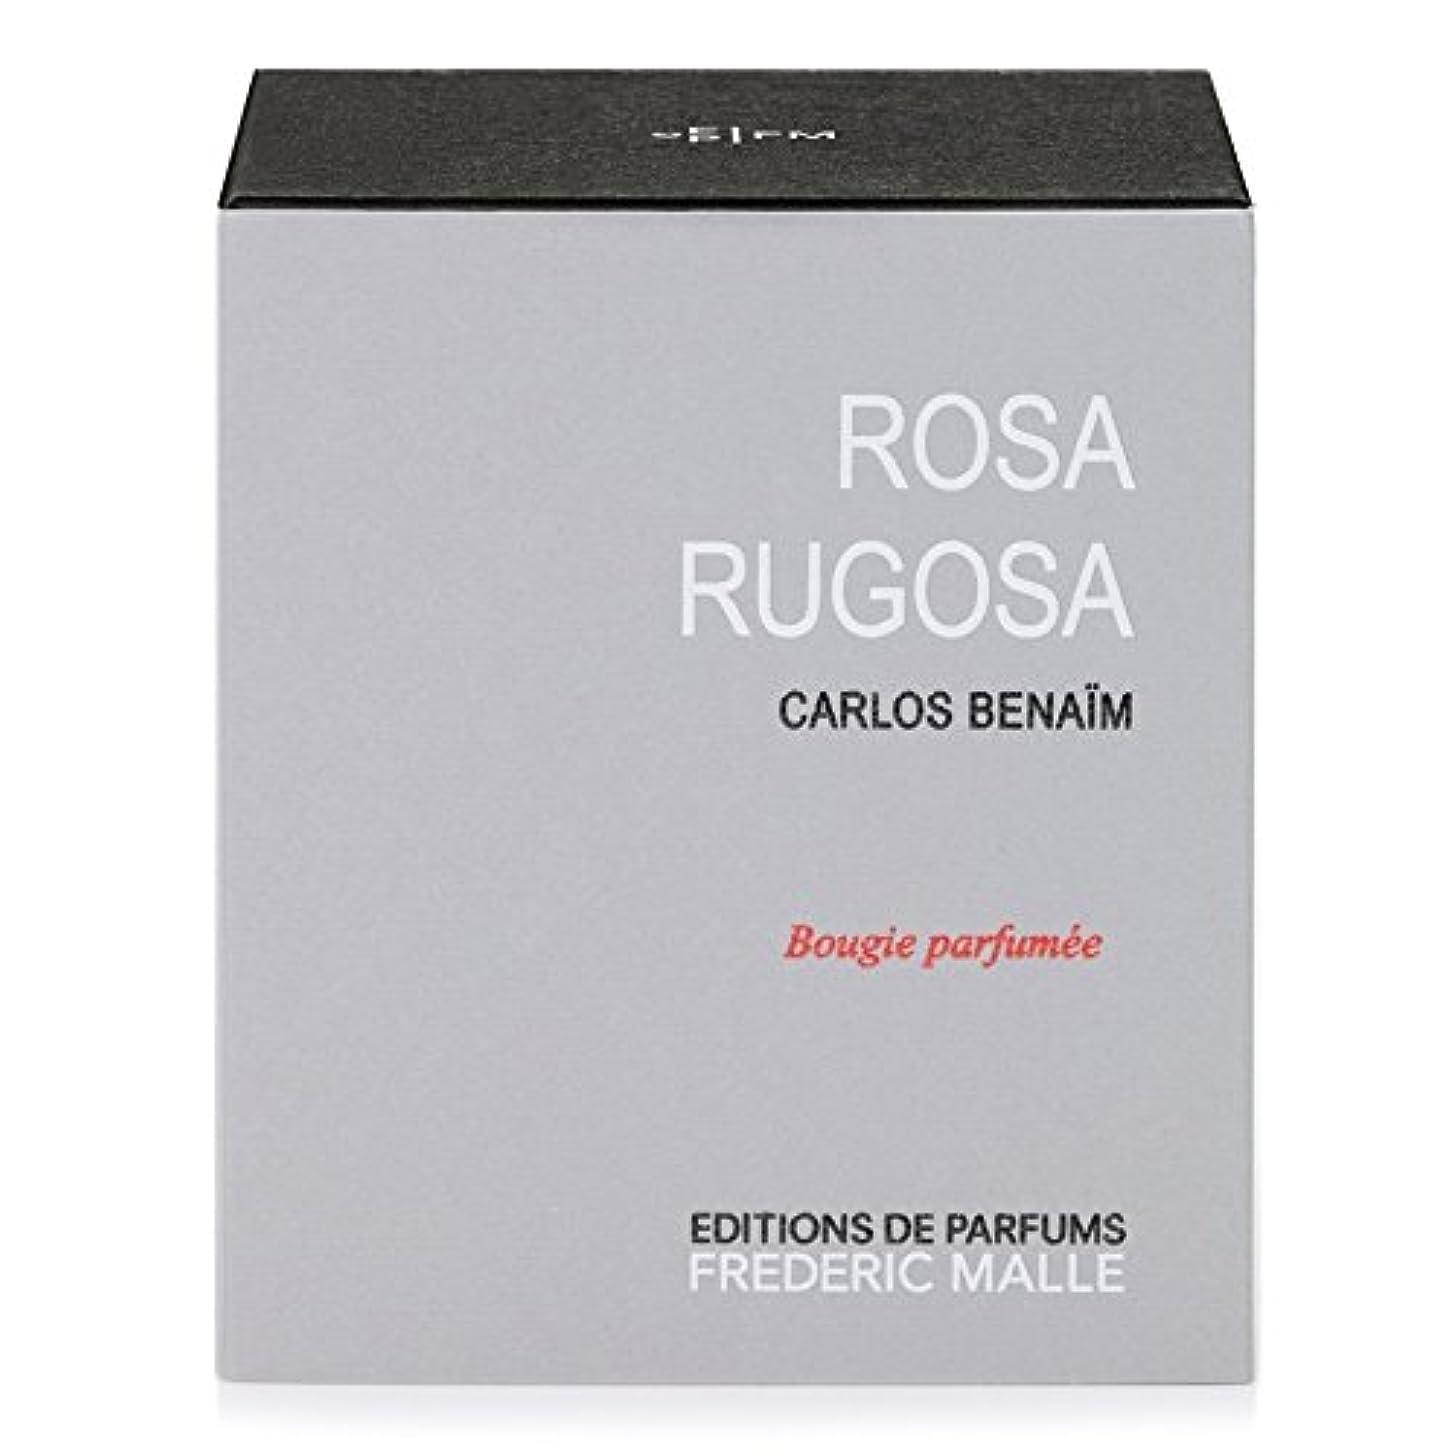 知人性別スナッチフレデリック?マルハマナスの香りのキャンドル x6 - Frederic Malle Rosa Rugosa Scented Candle (Pack of 6) [並行輸入品]